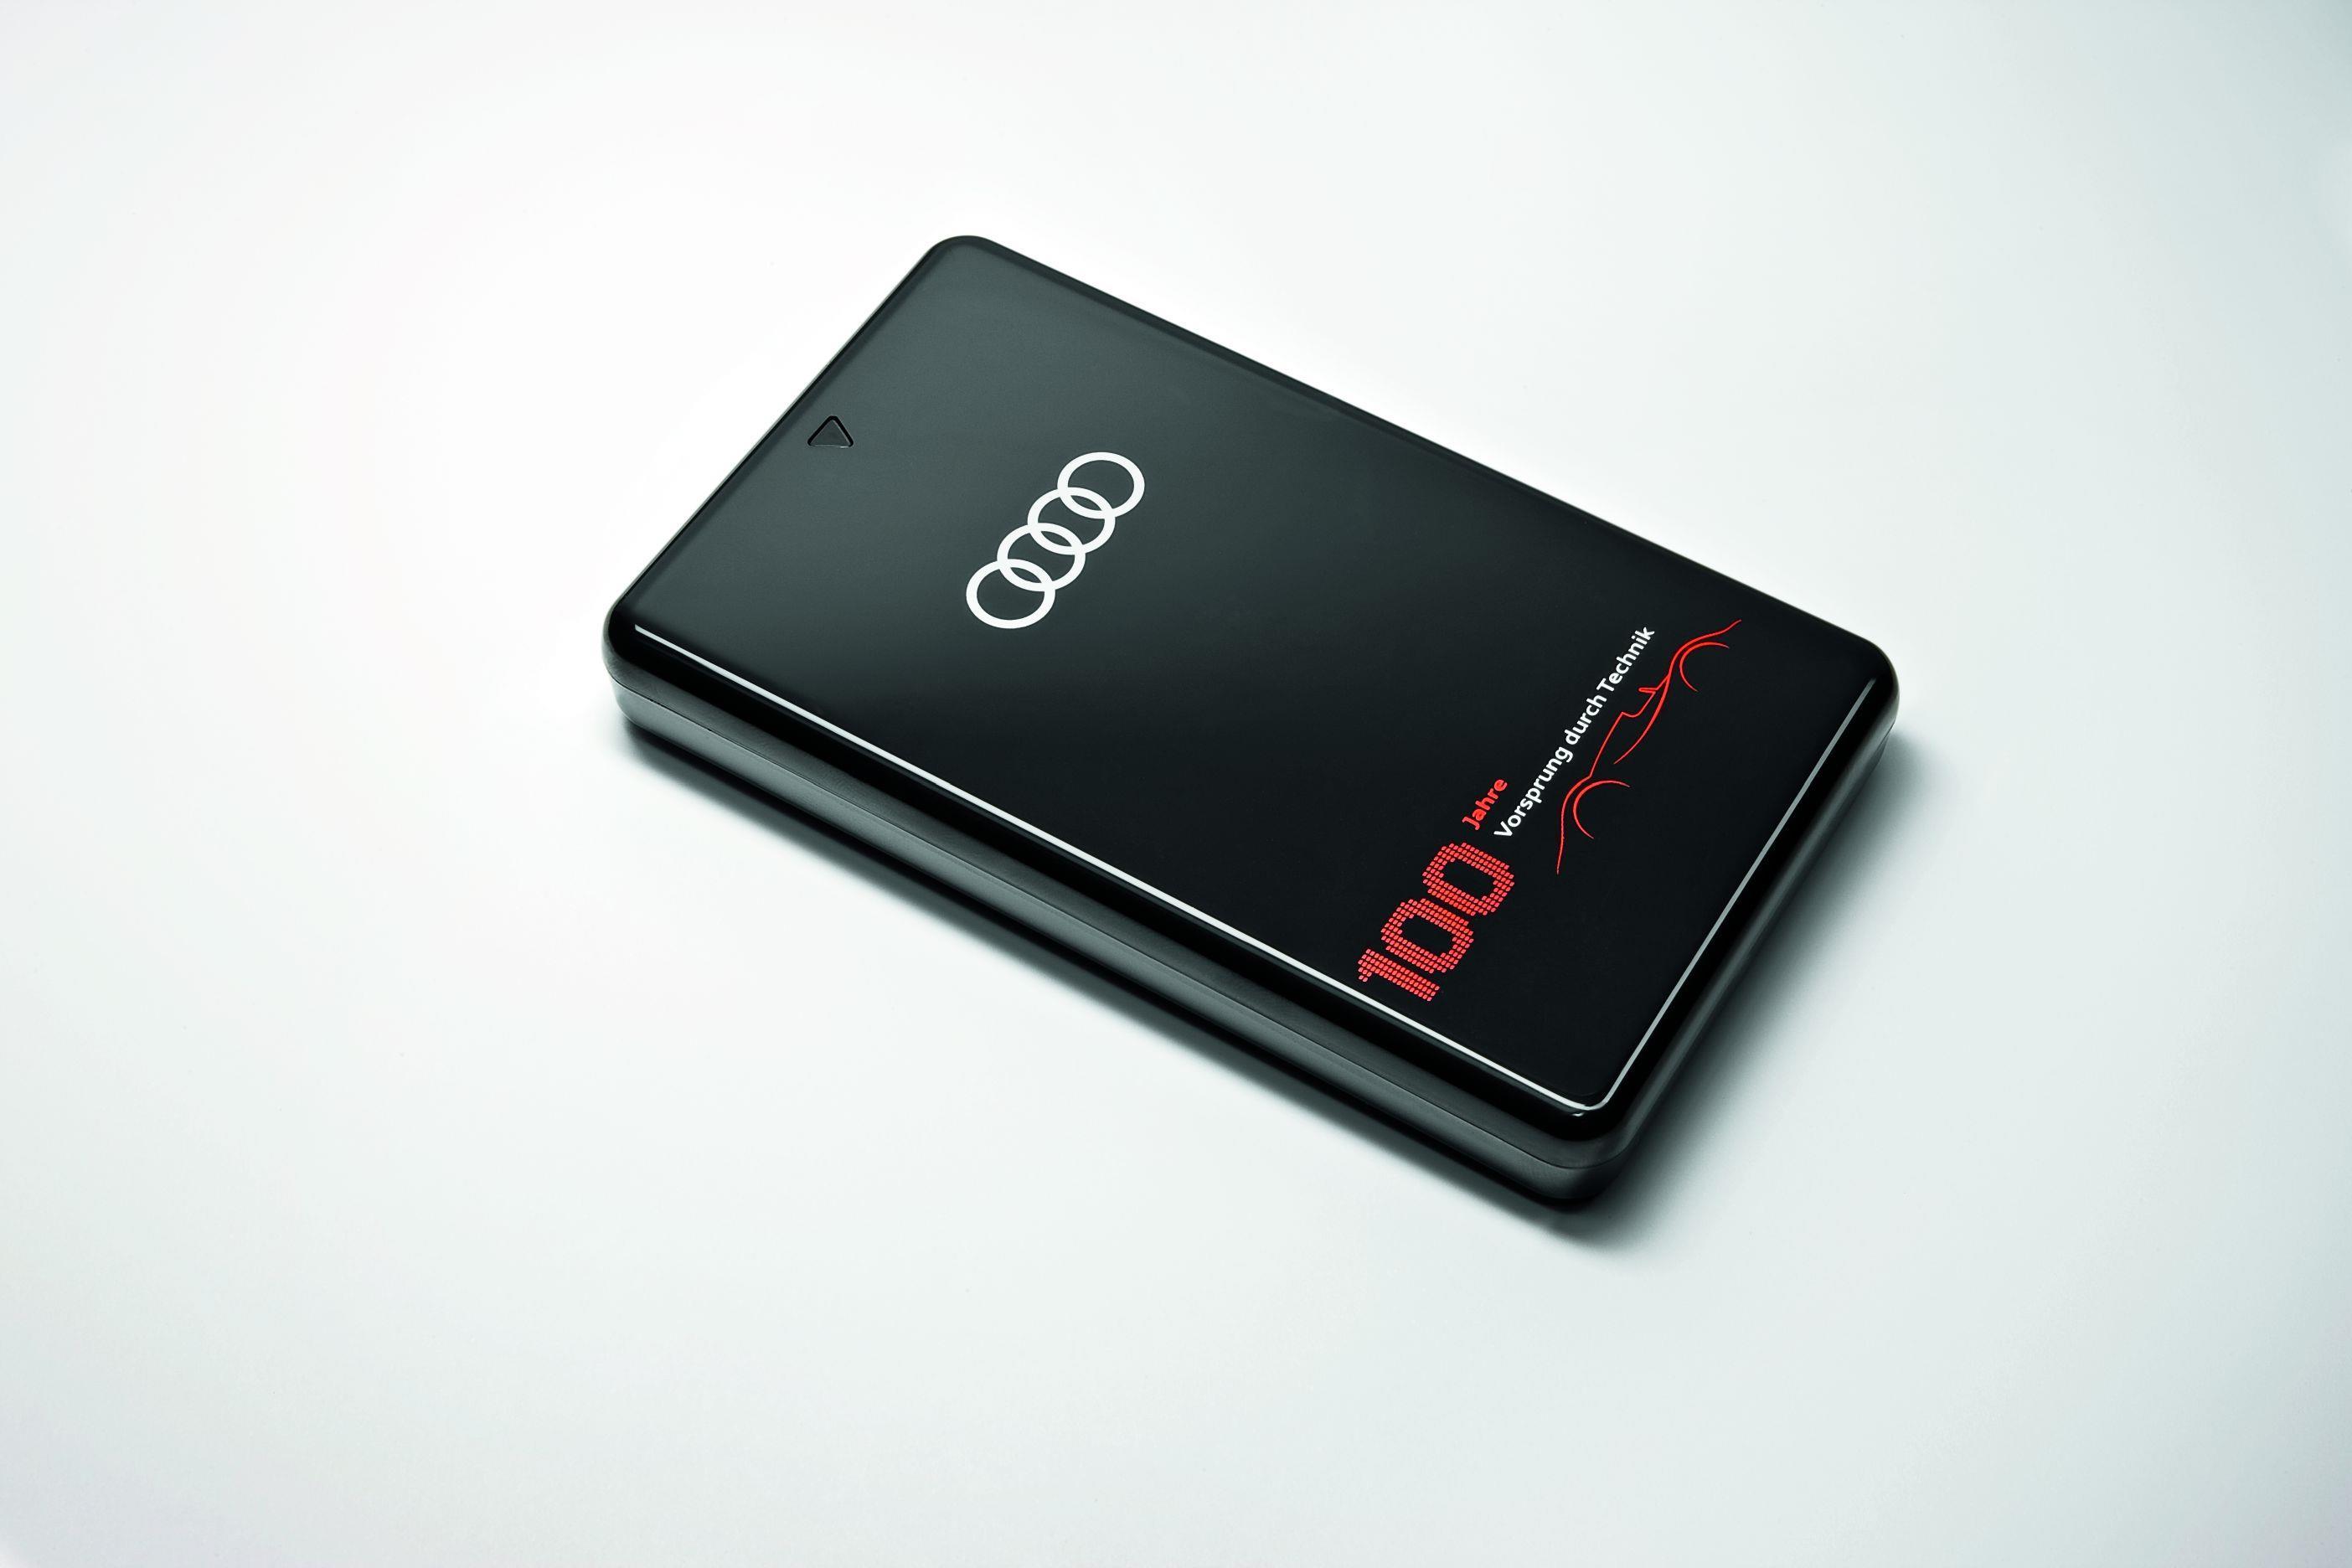 Audi Allroad 250 Gb 100 Years Of Audi Hard Drive